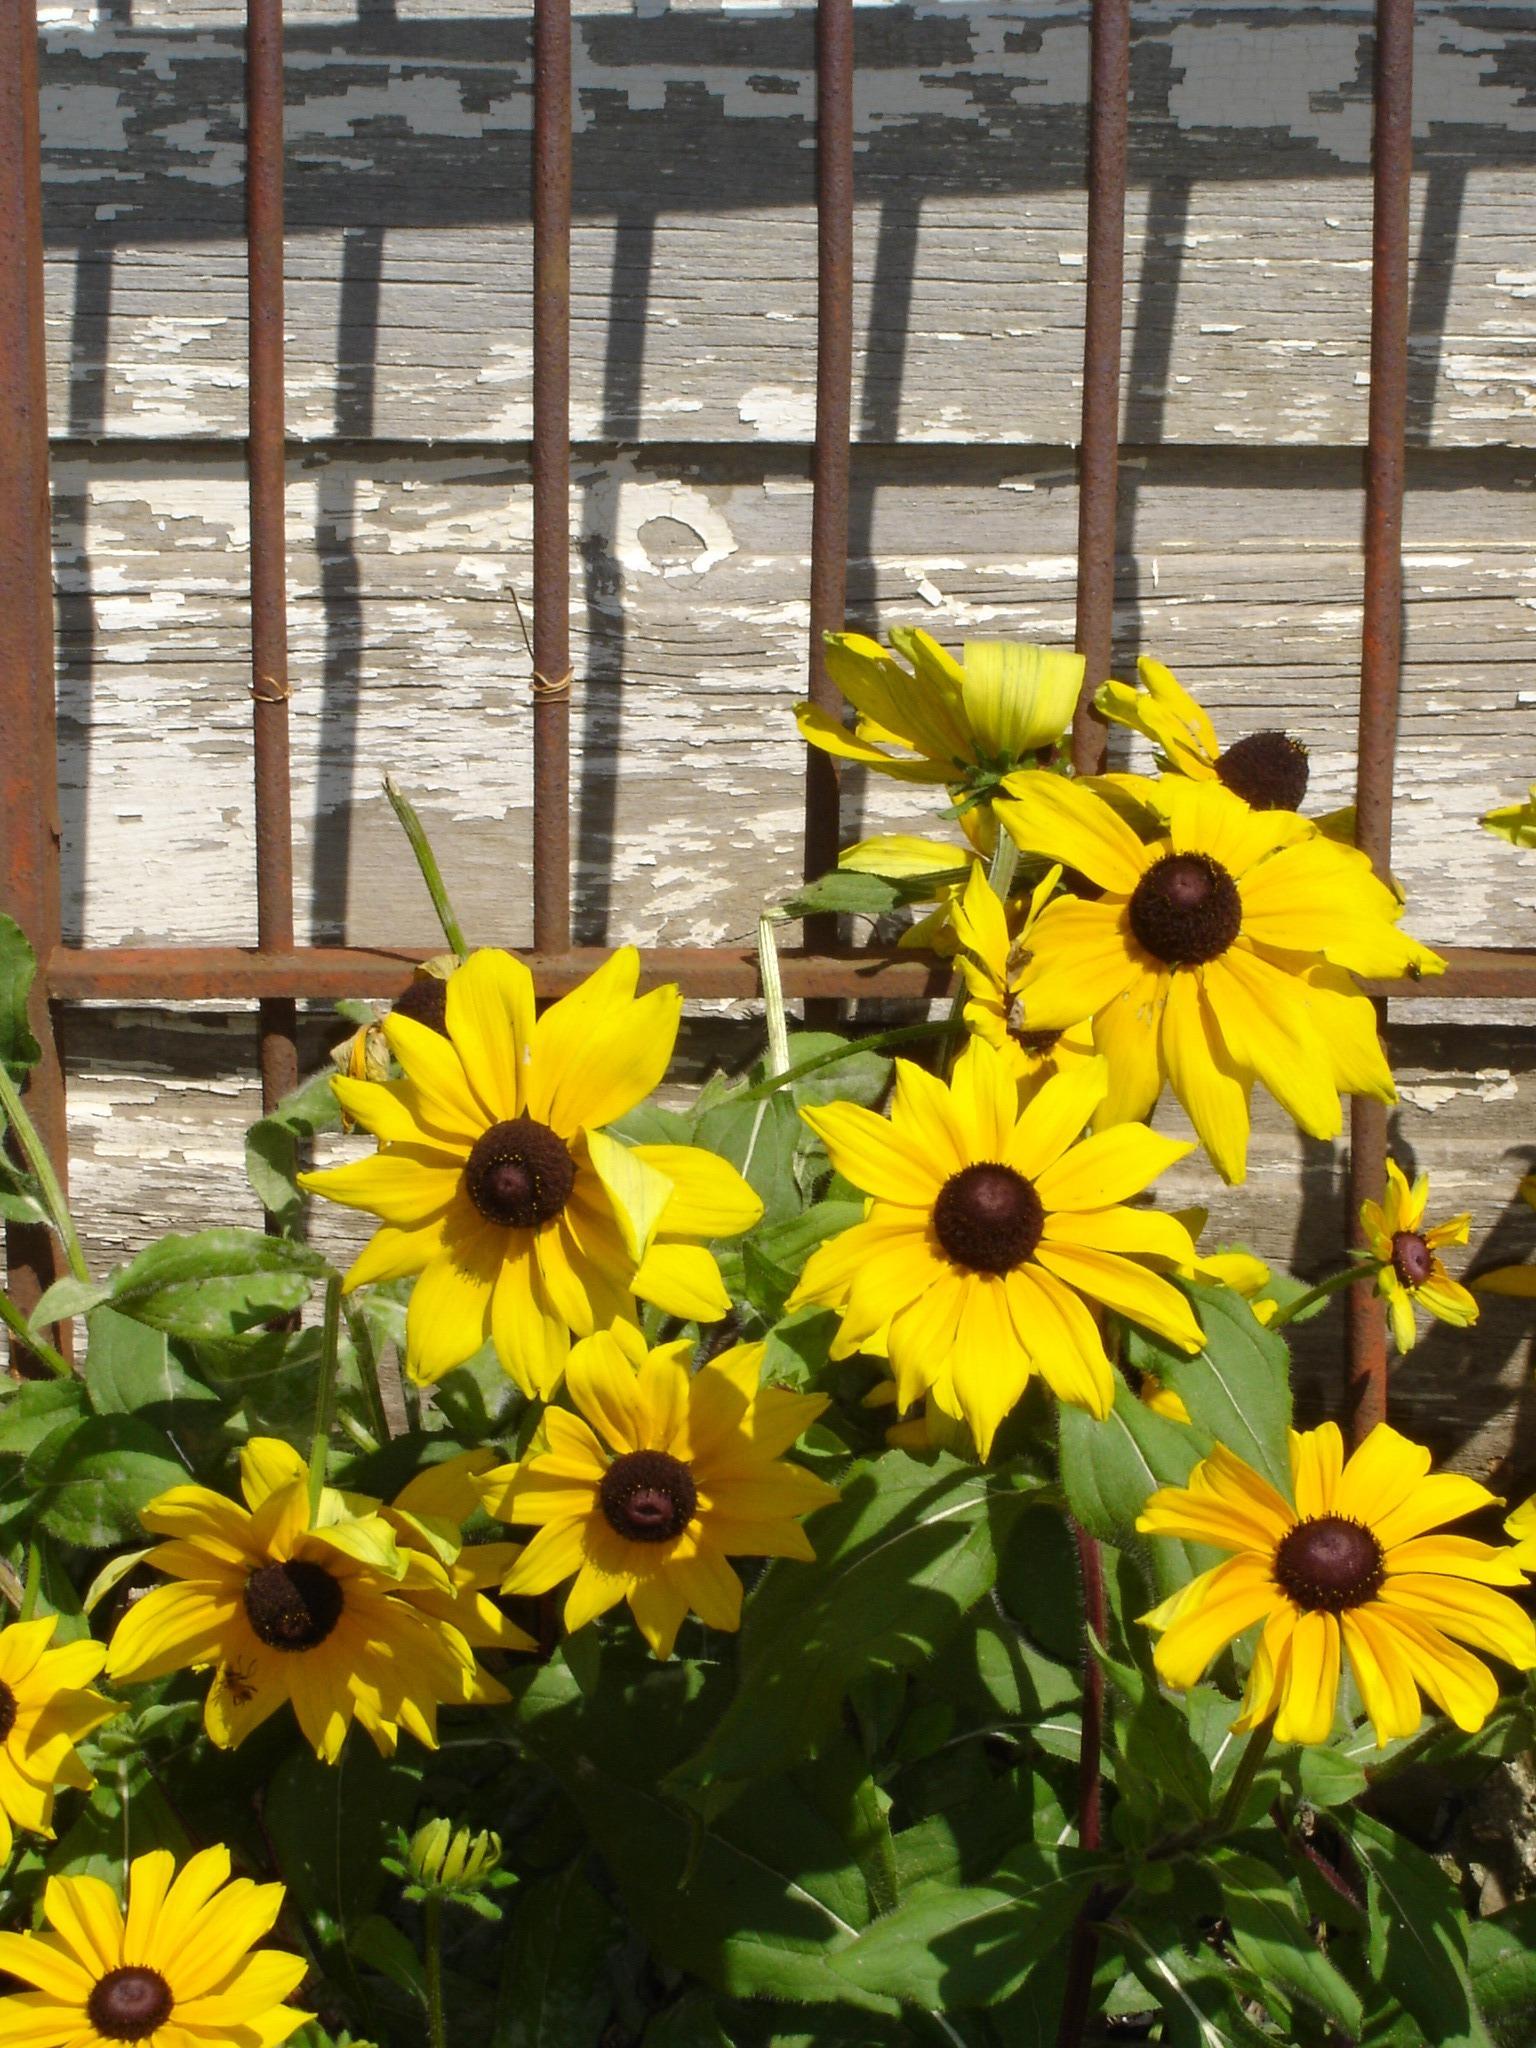 Images Gratuites : tige, feuille, Floraison, floral, environnement ...